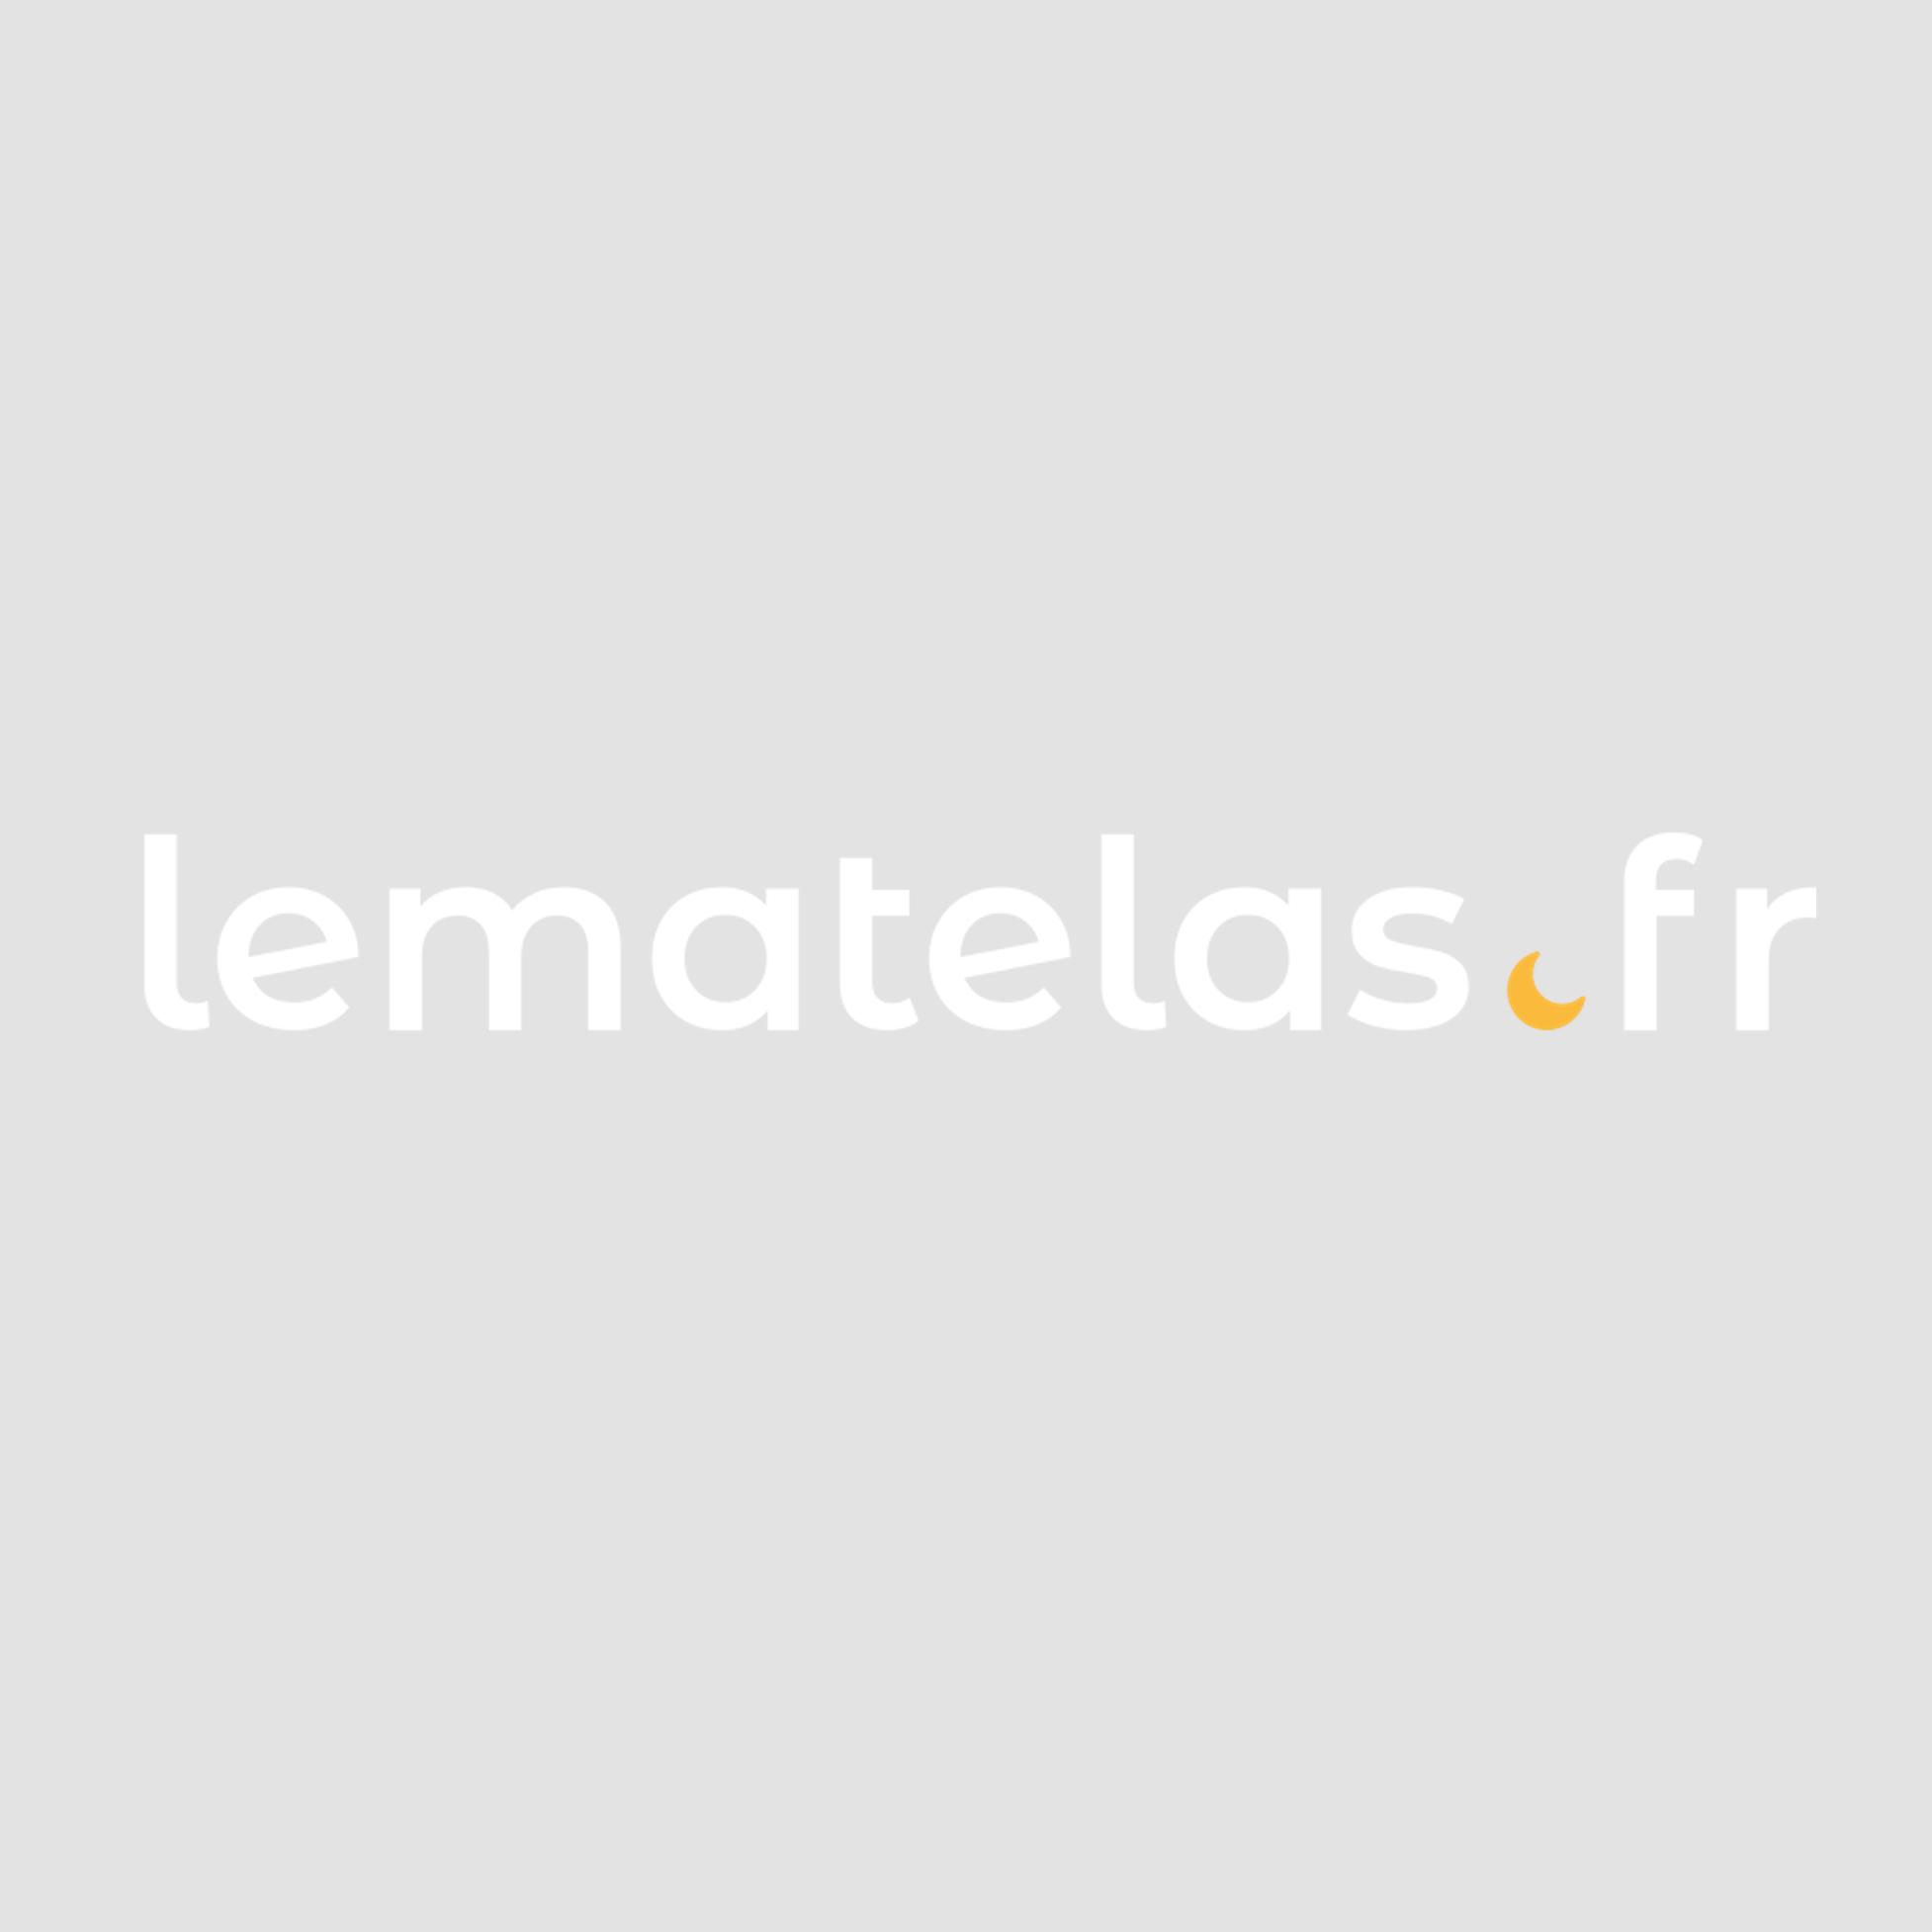 Lit en métal blanc 160x200 - LT4004 - Hôtellerie